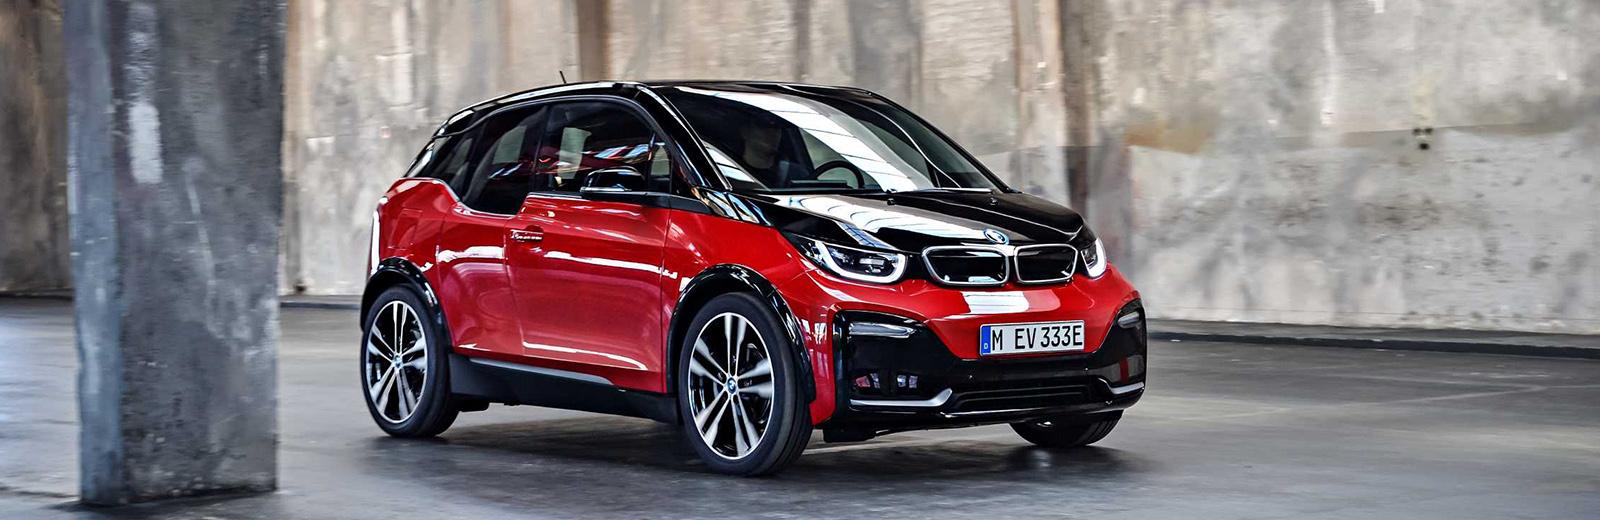 BMW i3 EV range